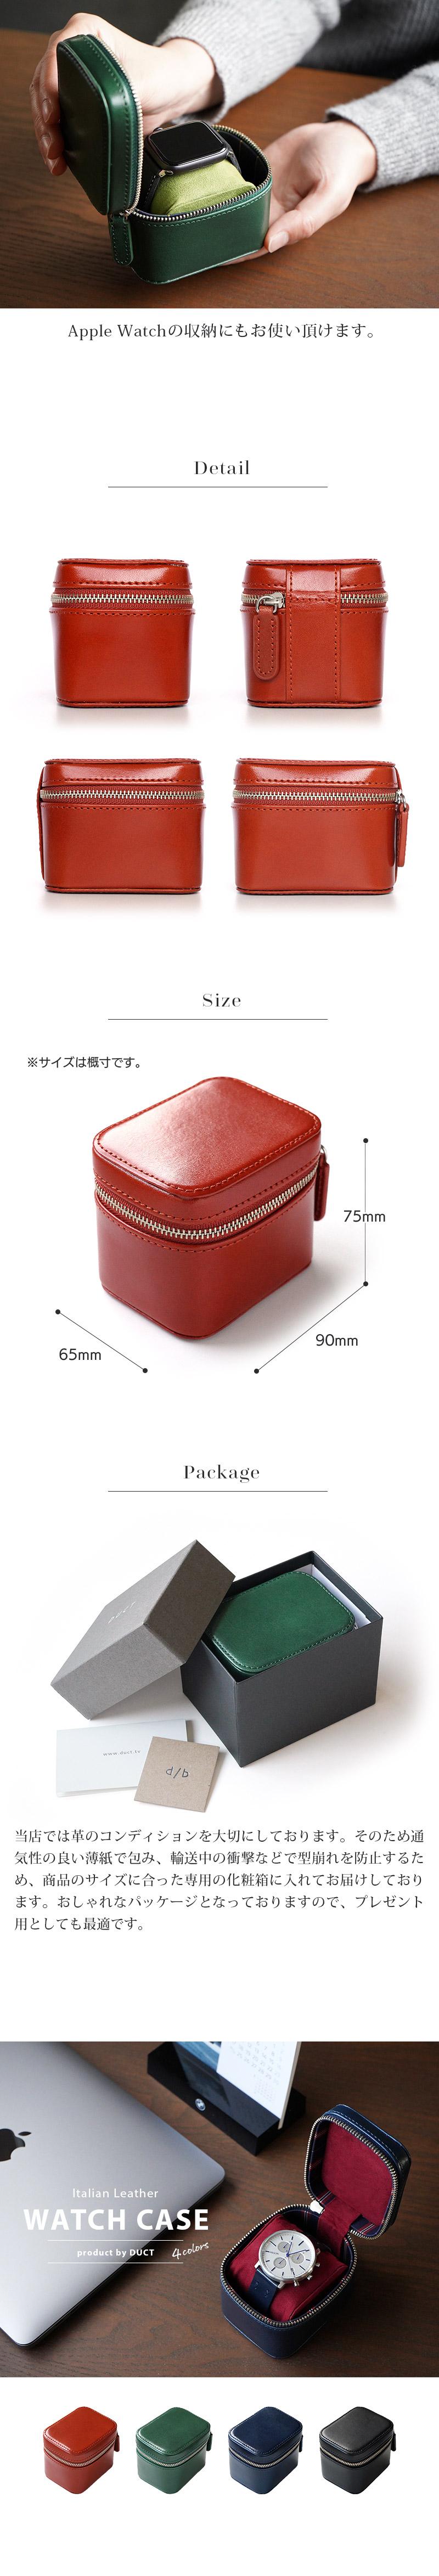 当店では革のコンディションを大切にしております。そのため通気性の良い薄紙で包み、輸送中の衝撃などで型崩れを防止するため、商品のサイズに合った専用の化粧箱に入れてお届けしております。おしゃれなパッケージとなっておりますので、プレゼント用としても最適です。